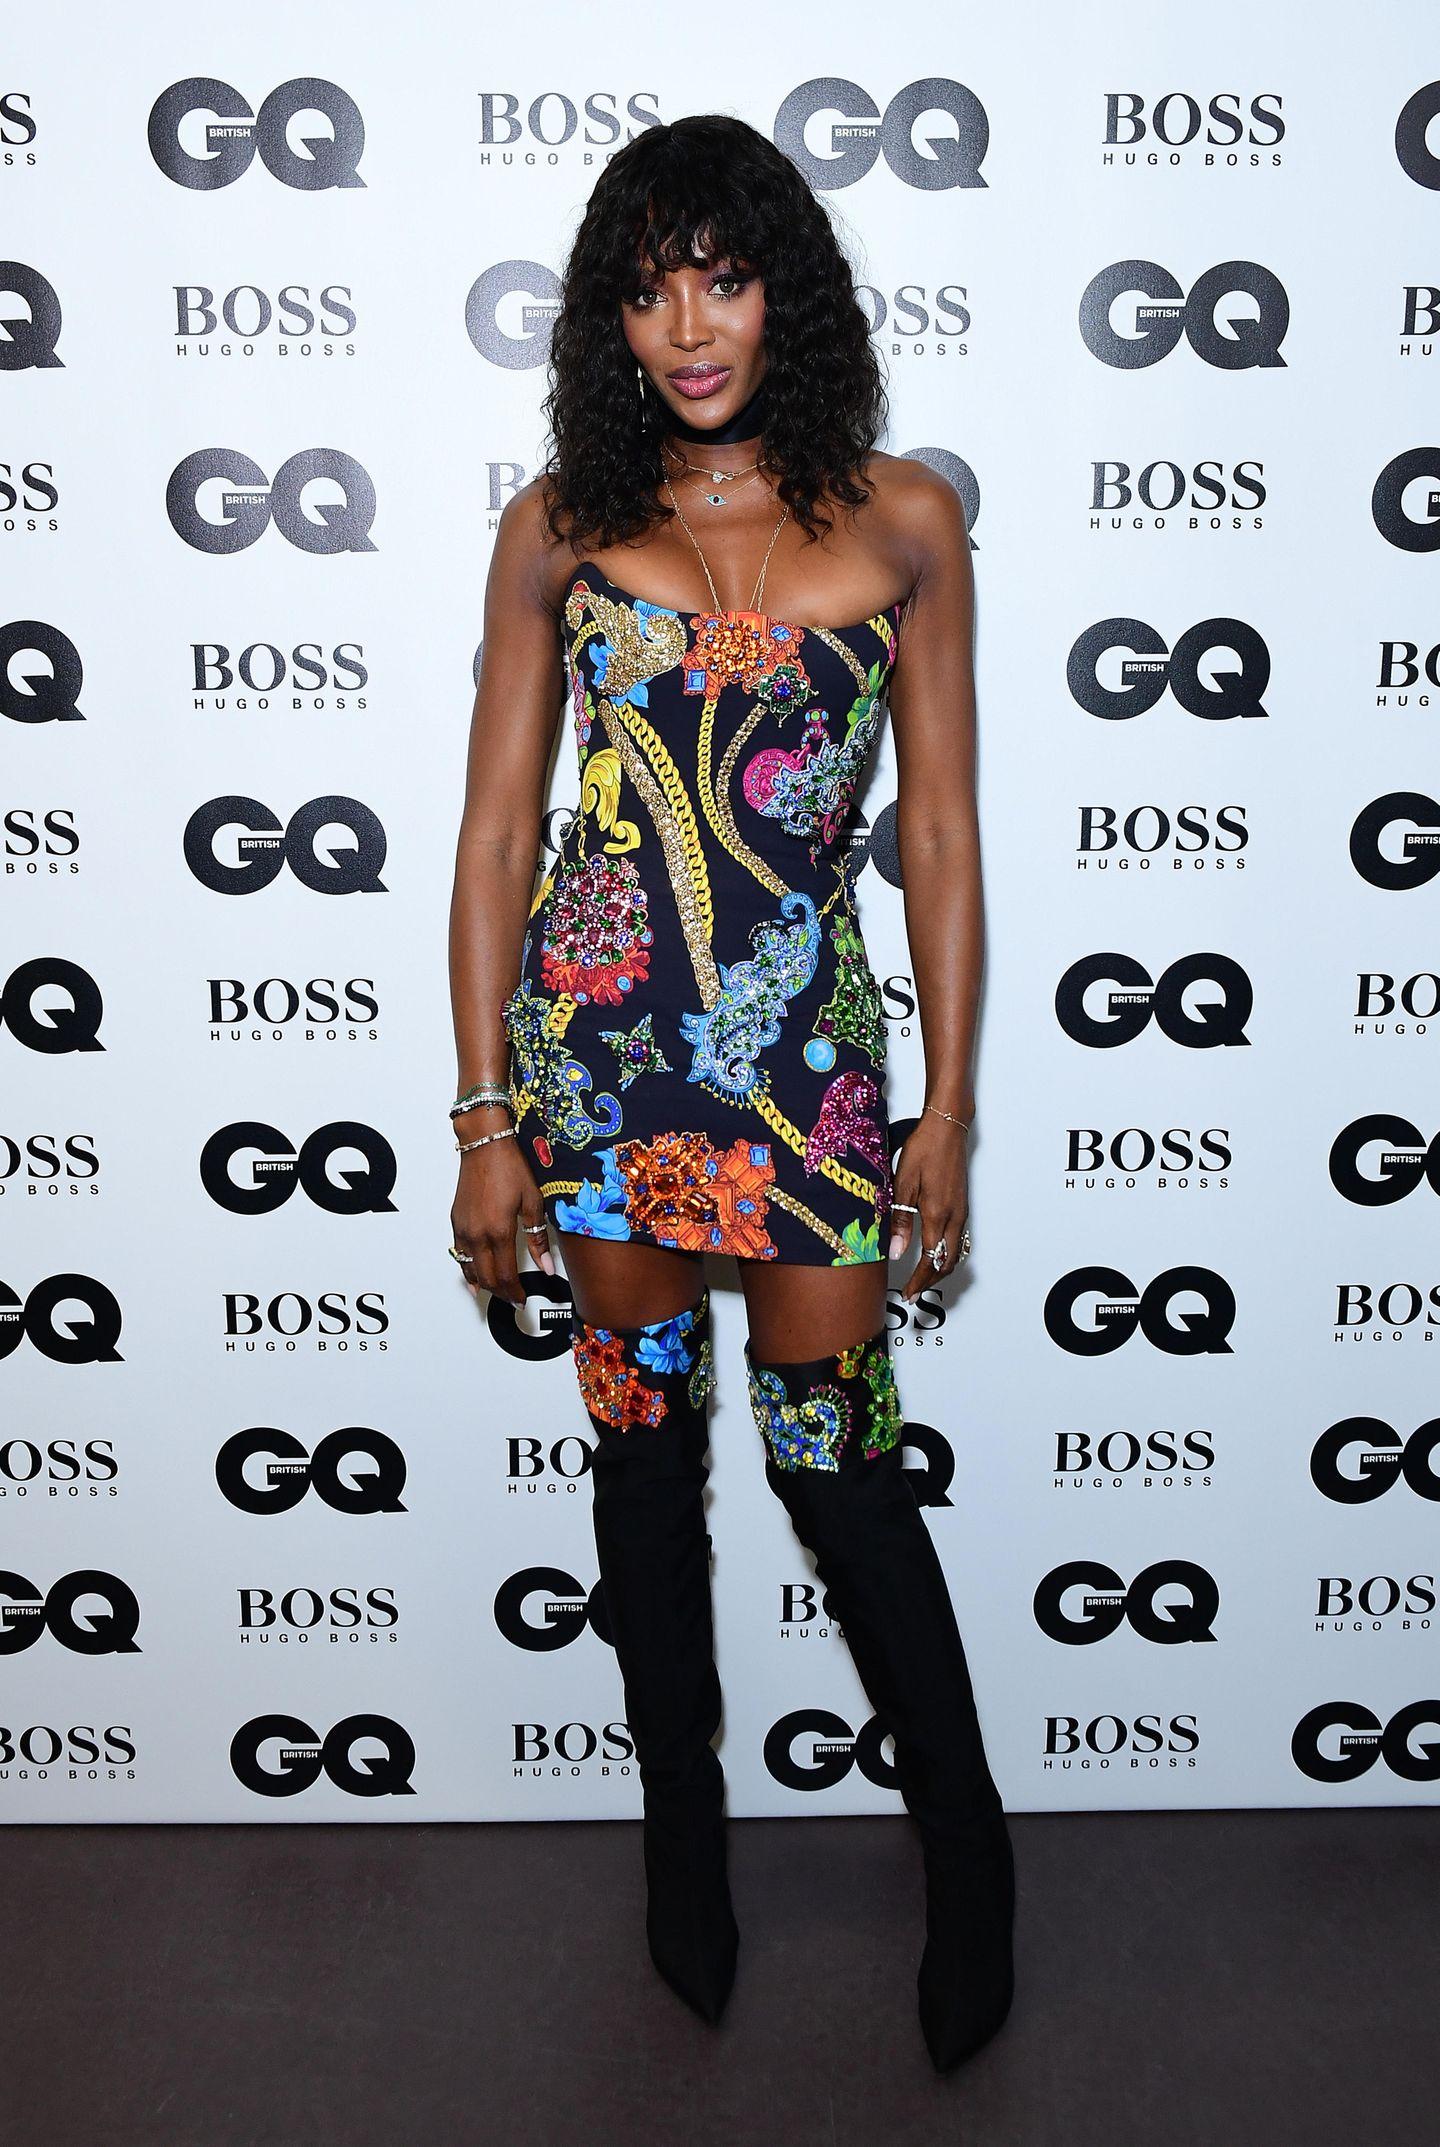 In den Neunzigern war sie die Muse von Designer Gianni Versace, bis heute ist Model Naomi Campbell der Marke eng verbunden. Ihr kunterbuntes Outfit stammt ebenfalls von dem italienischen Label.